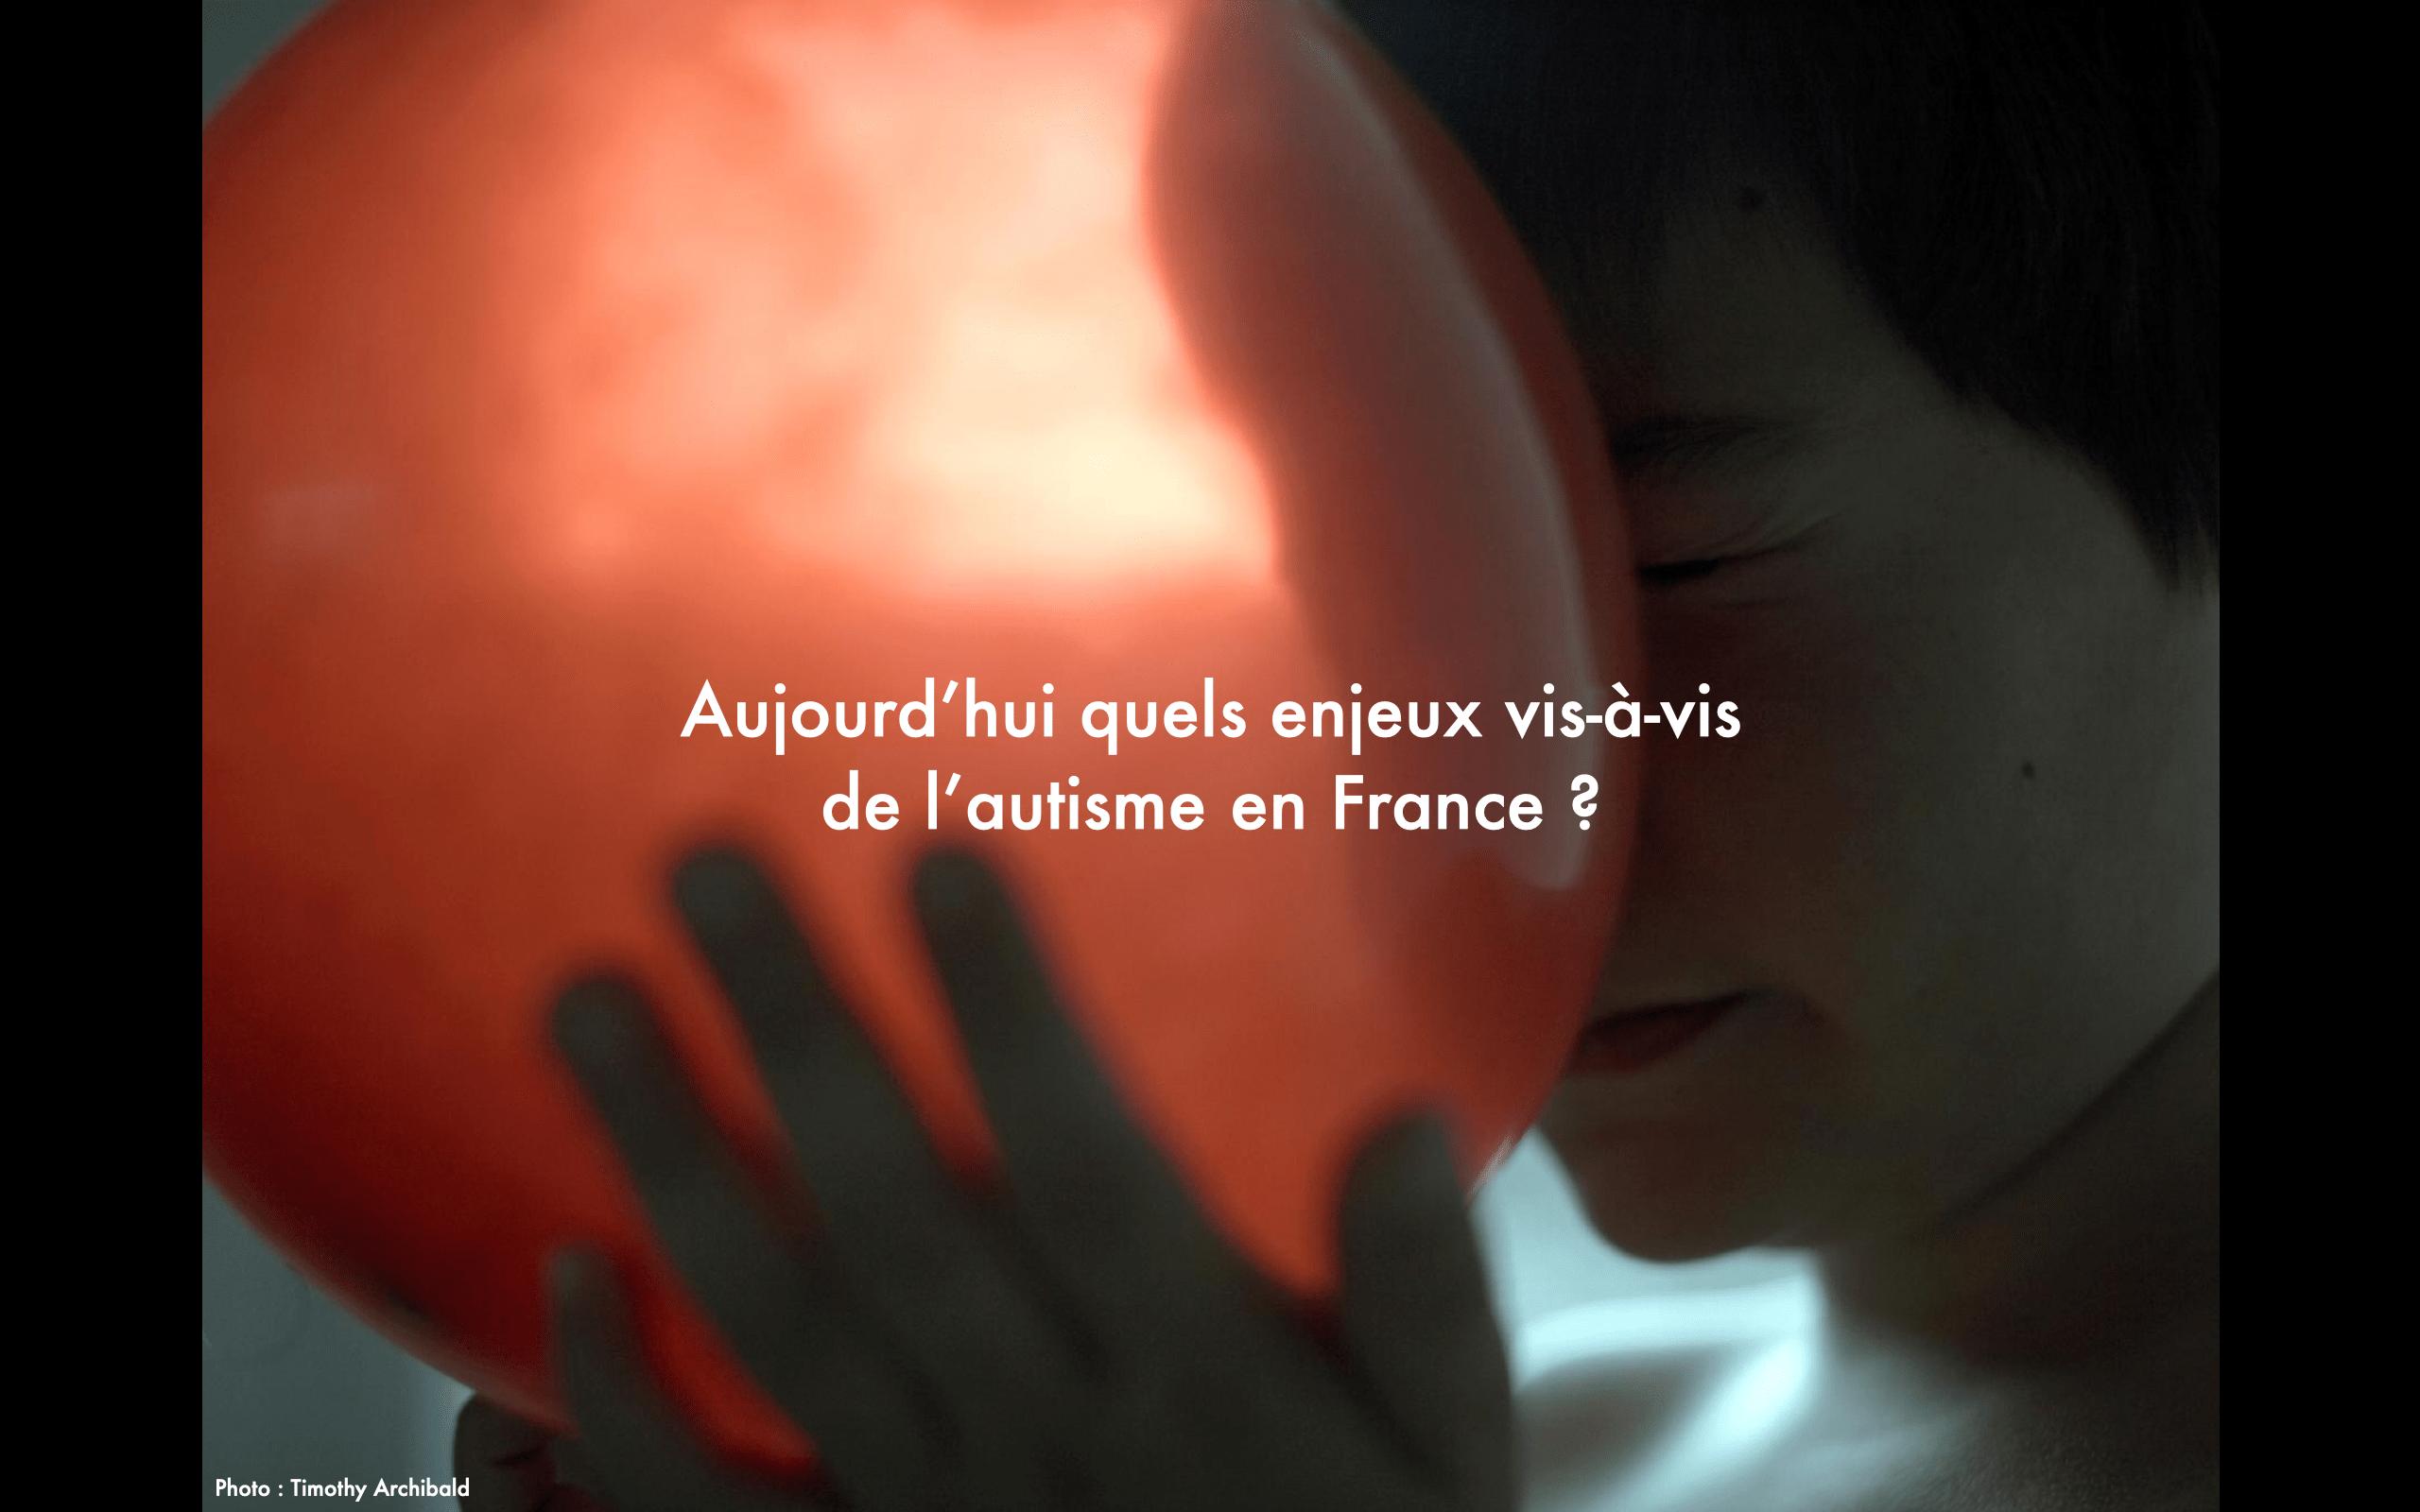 Funambule, la plateforme numérique sur l'autisme